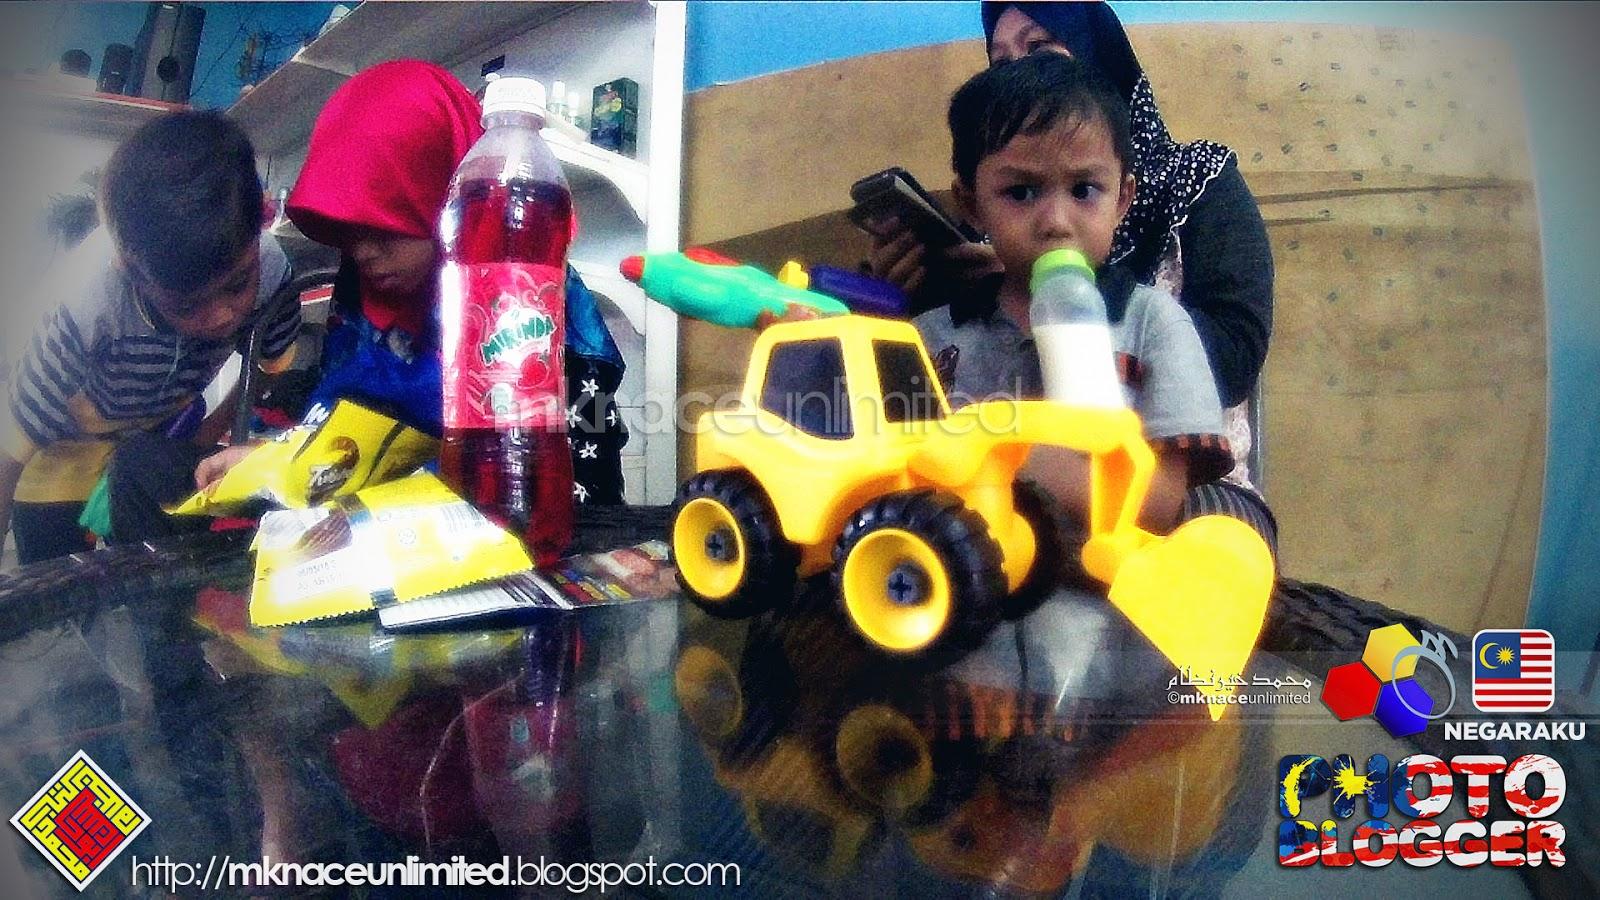 Car Wash Nusantara Lepak Mandi Manda Almera Mknace Unlimited Tcash Vaganza 32 Milo Malaysia Activ Go Dengan Pak Atan Dia Hahaha Tu Nama Jengkaut Setel 2 In 1 Bukan Lagi Farmasi Gi Beli Telur